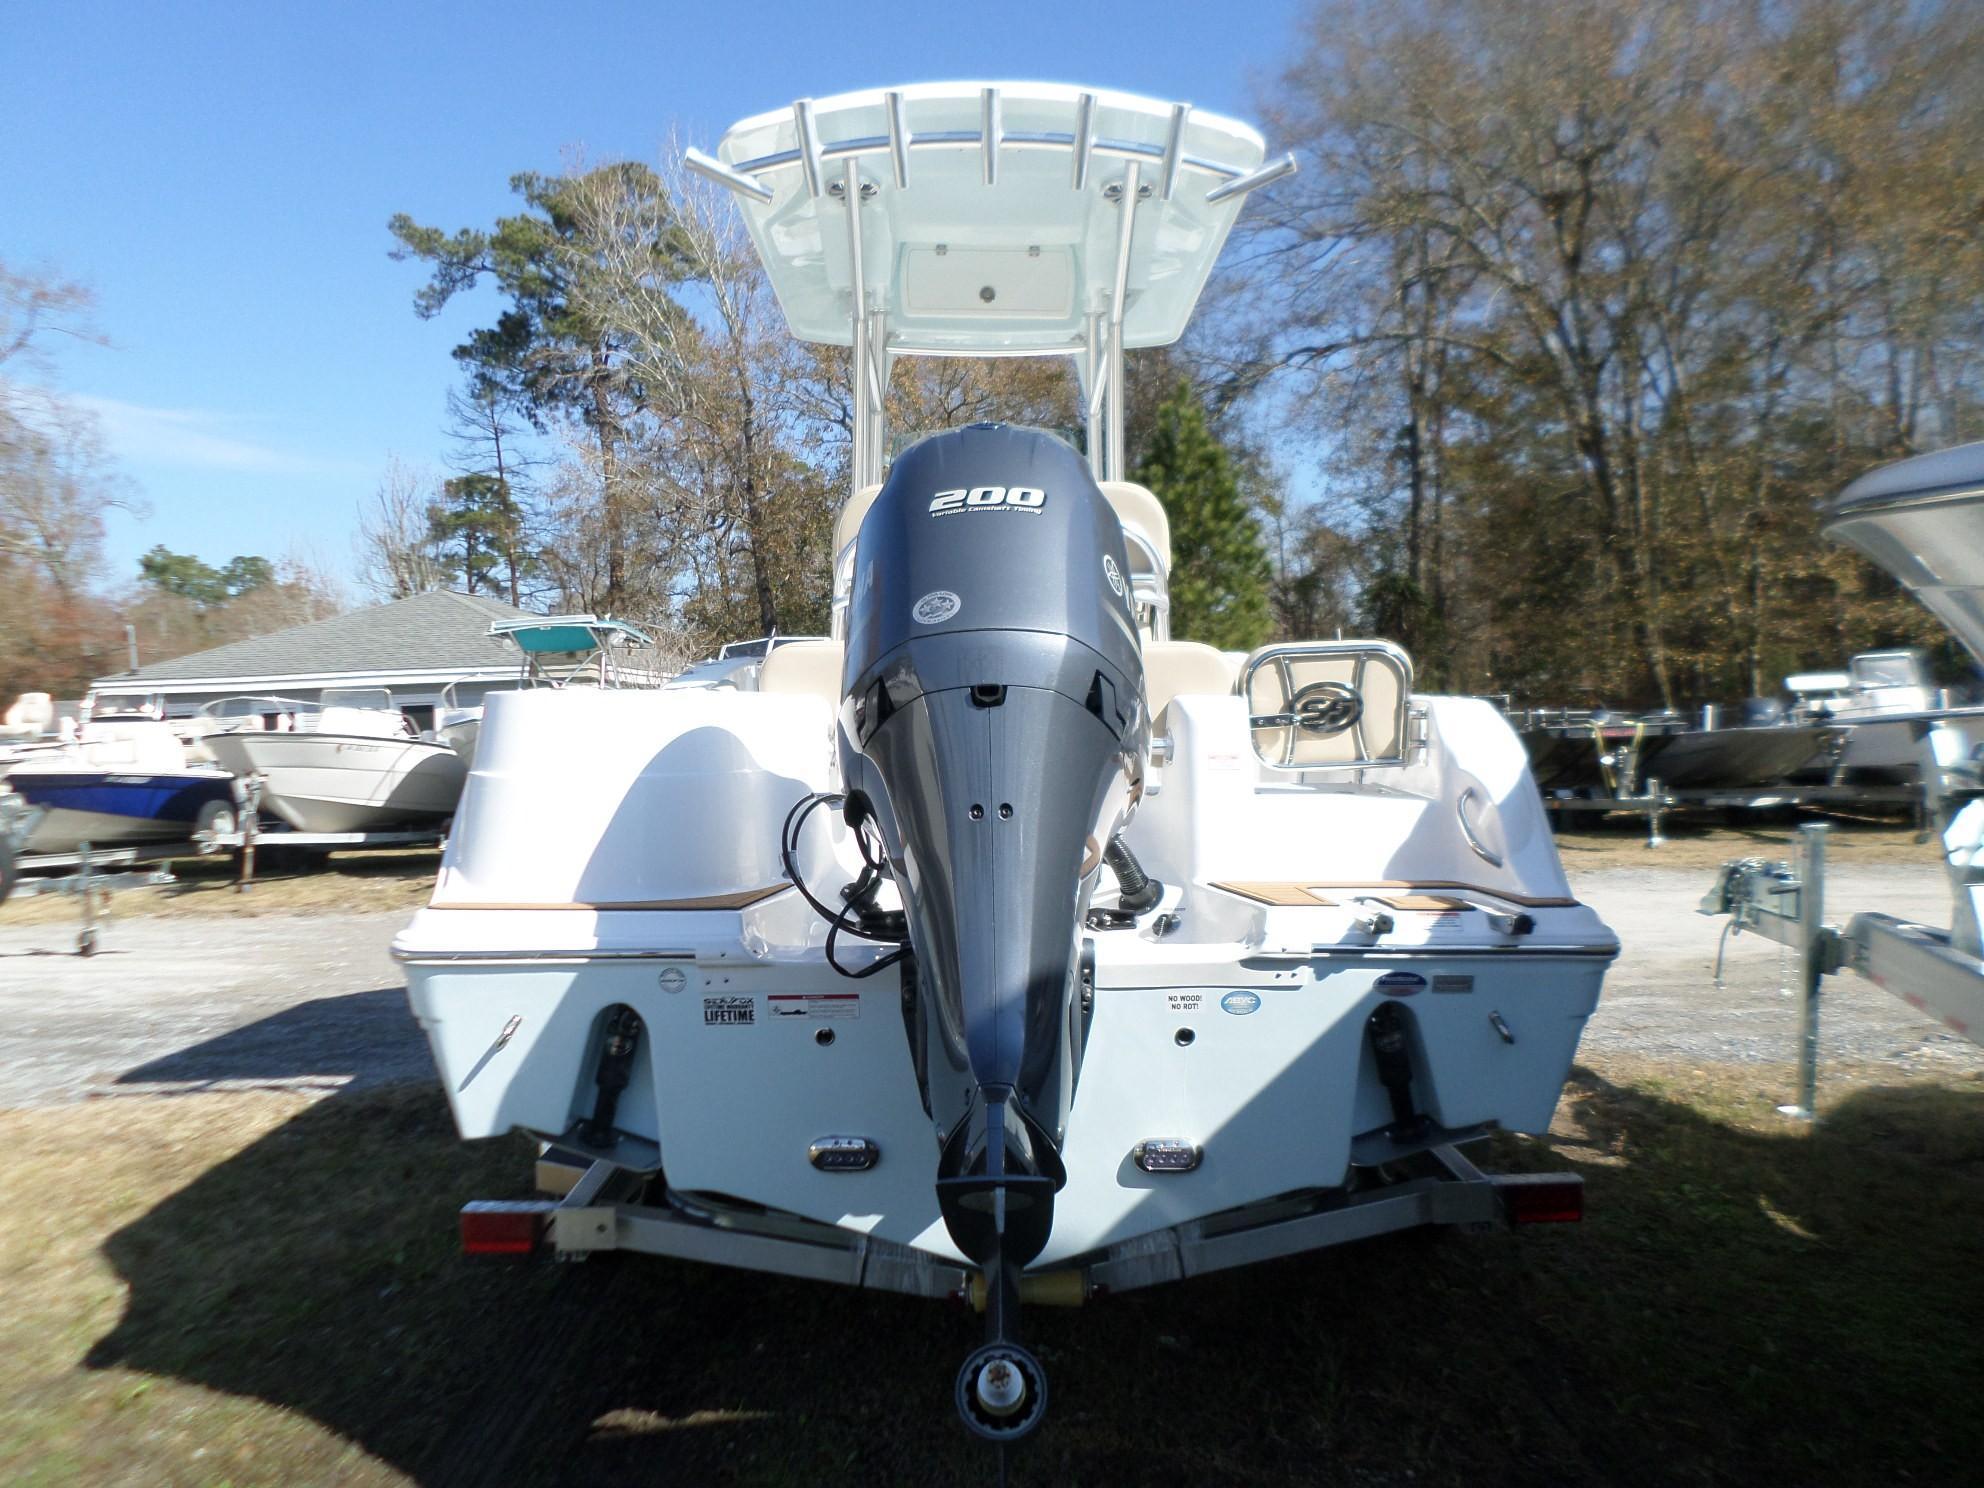 New  2018 22.33' Sea Fox 226 Commander Center Console in Slidell, Louisiana